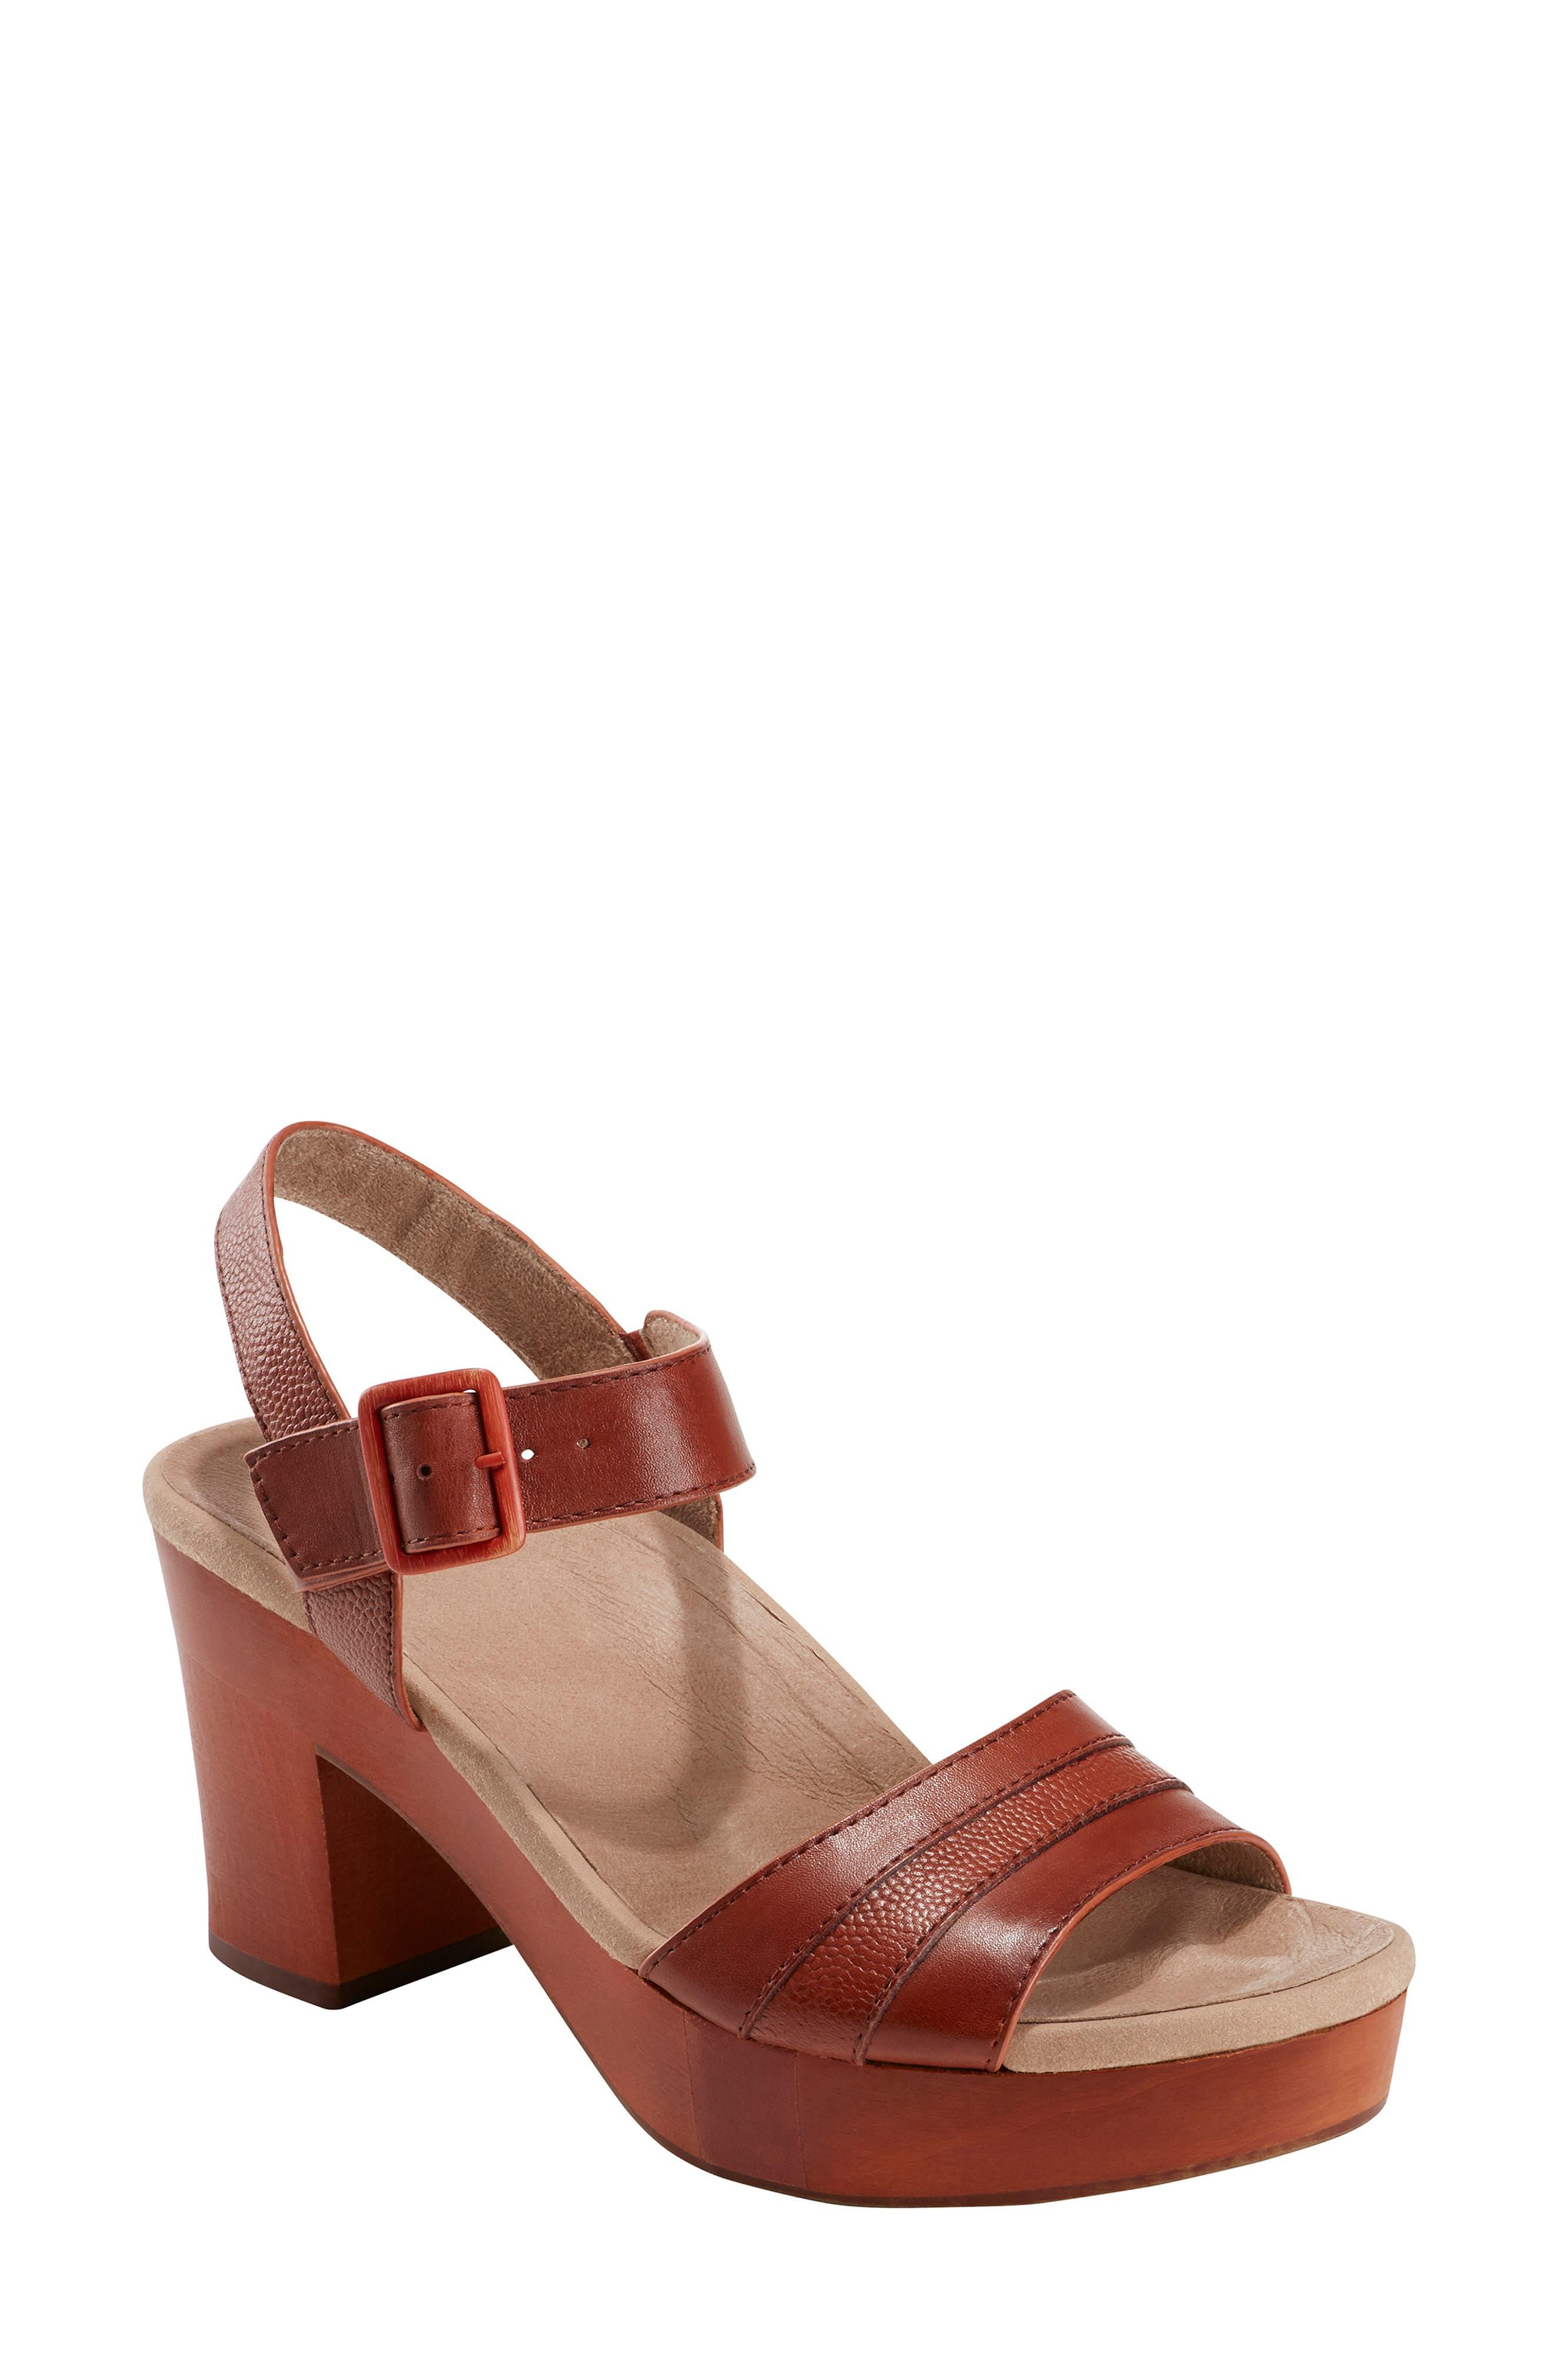 Earth Chestnut Platform Sandal- Brown